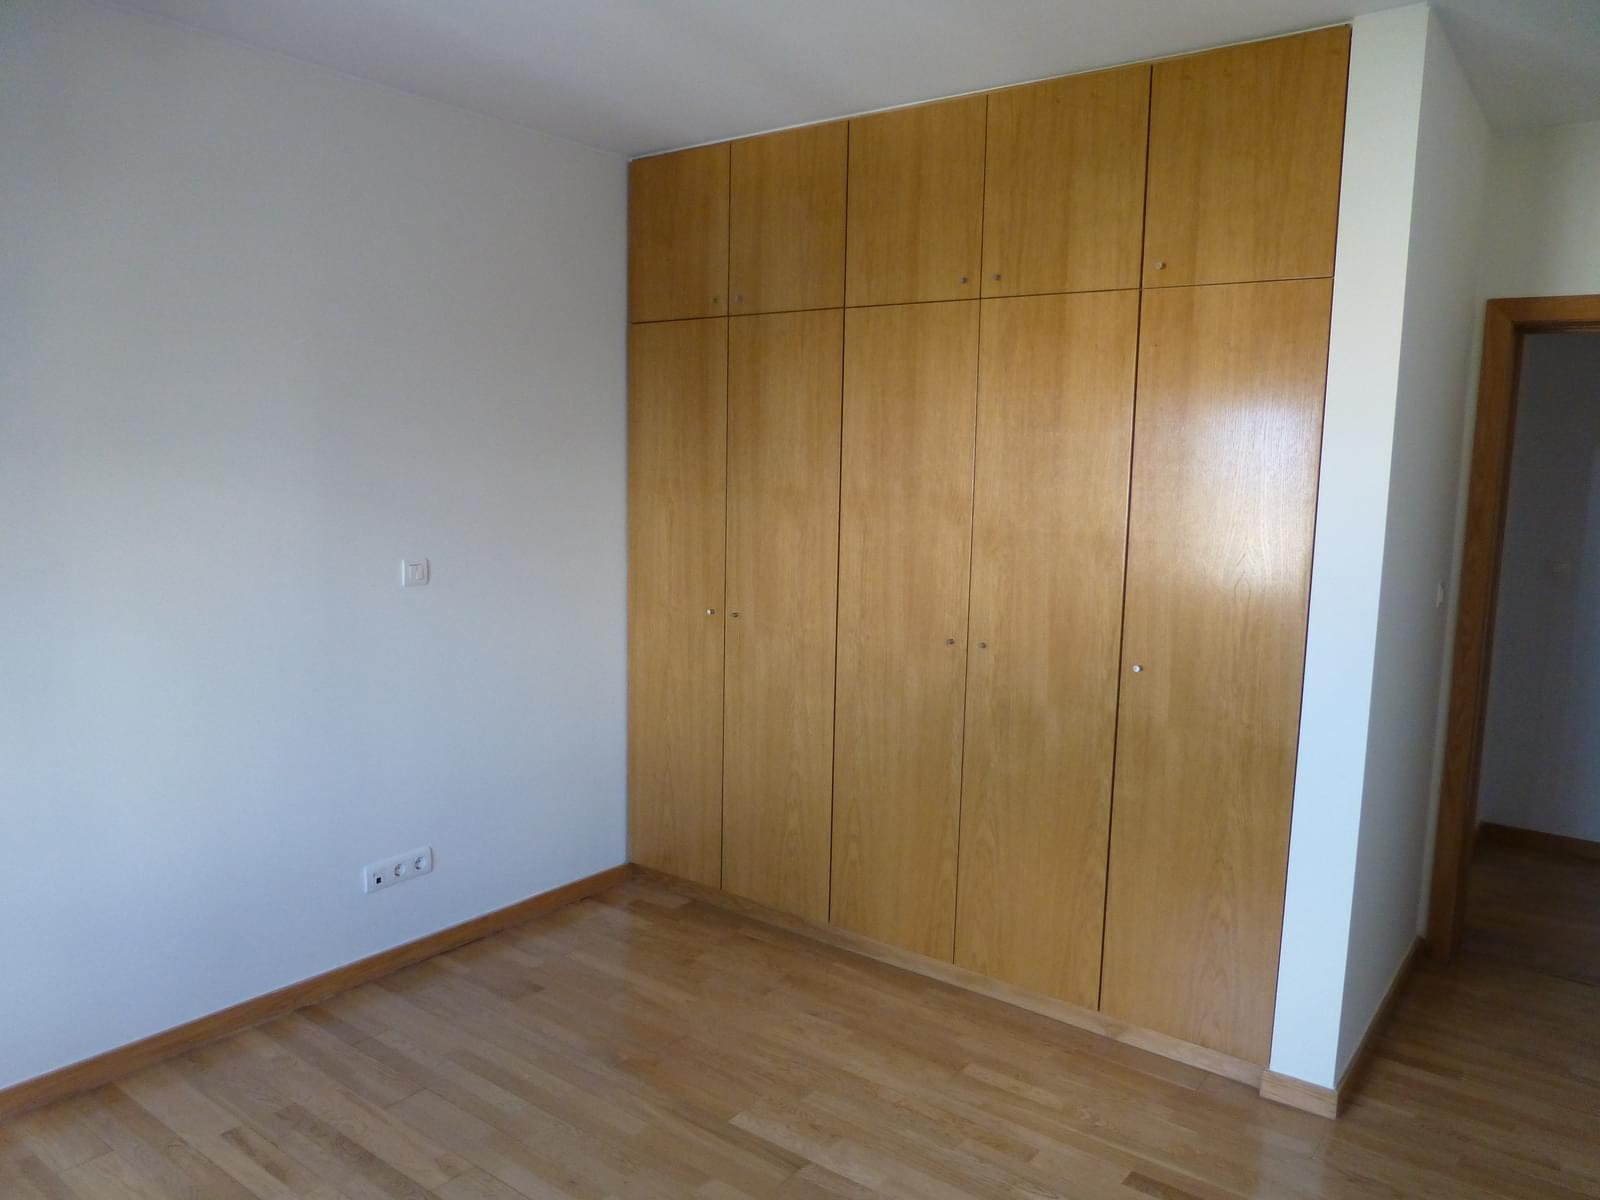 pf17050-apartamento-t1-lisboa-a3449d80-3ef3-4e0a-ab3f-1ede7cab4e63